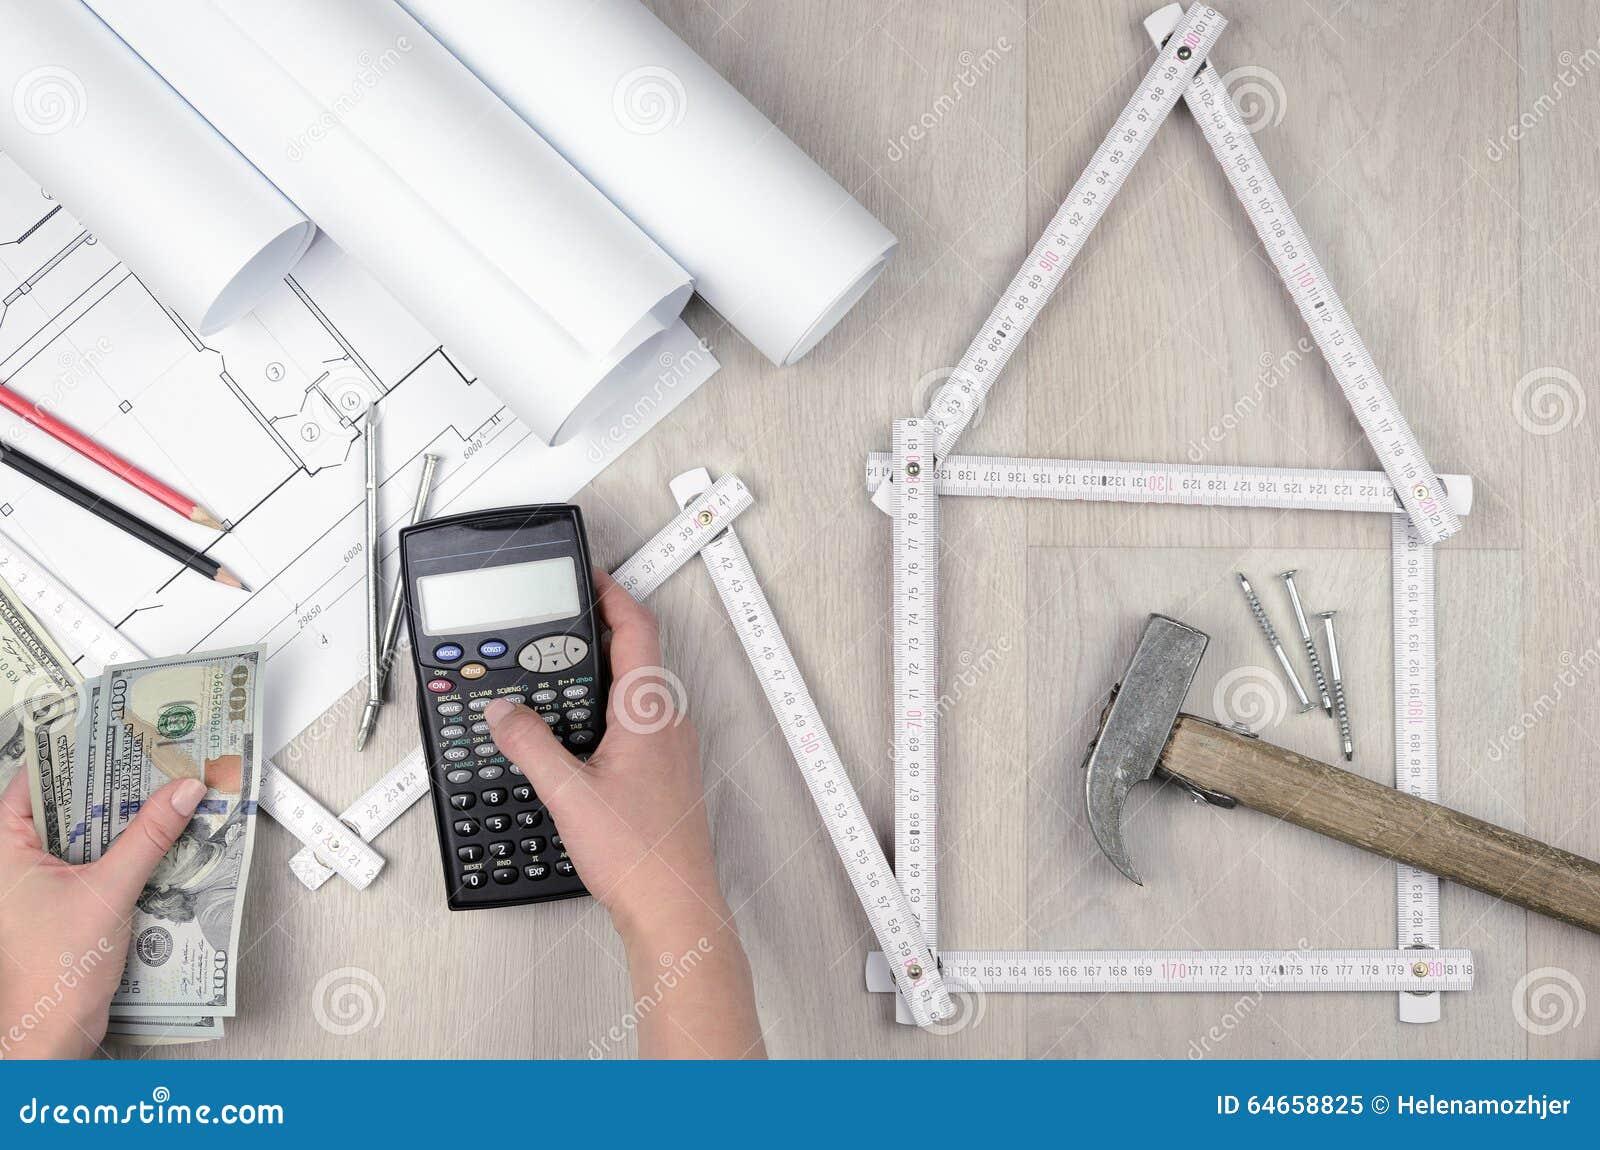 Baukosten Berechnen berechnen sie die baukosten stockbild - bild von kraft, gebäude